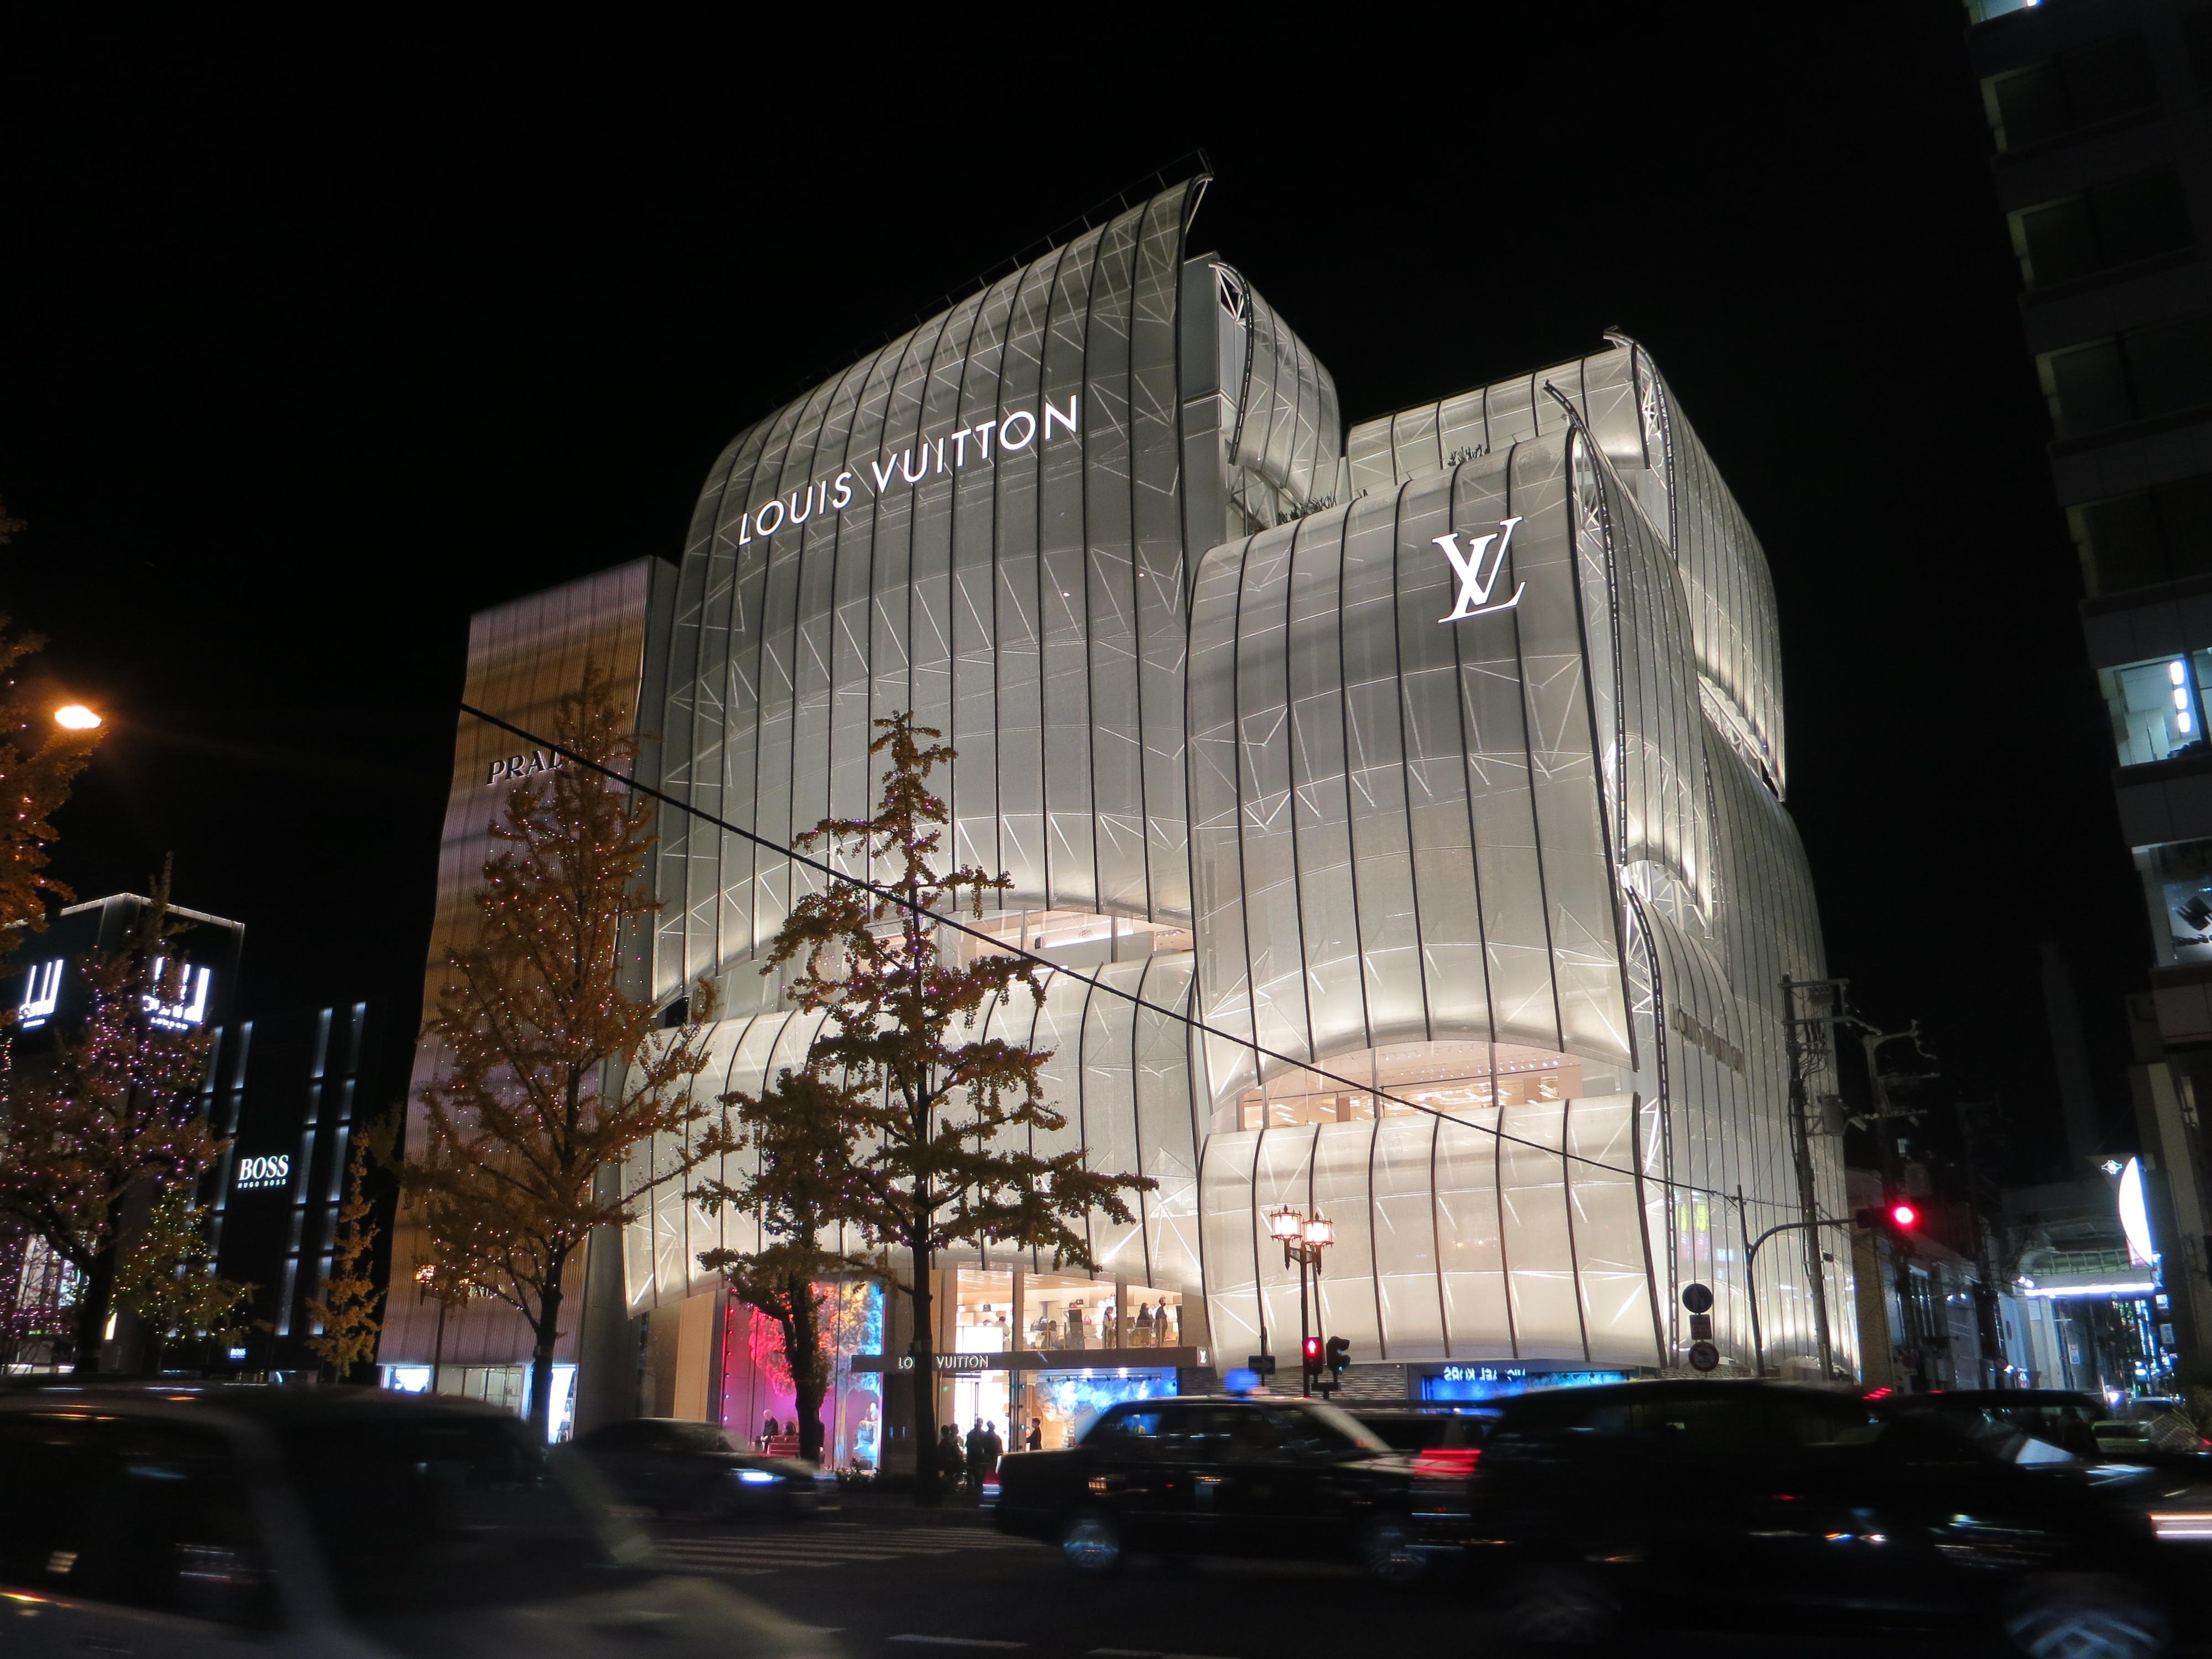 201218 ルイ・ヴィトン メゾン 大阪御堂筋 夜景